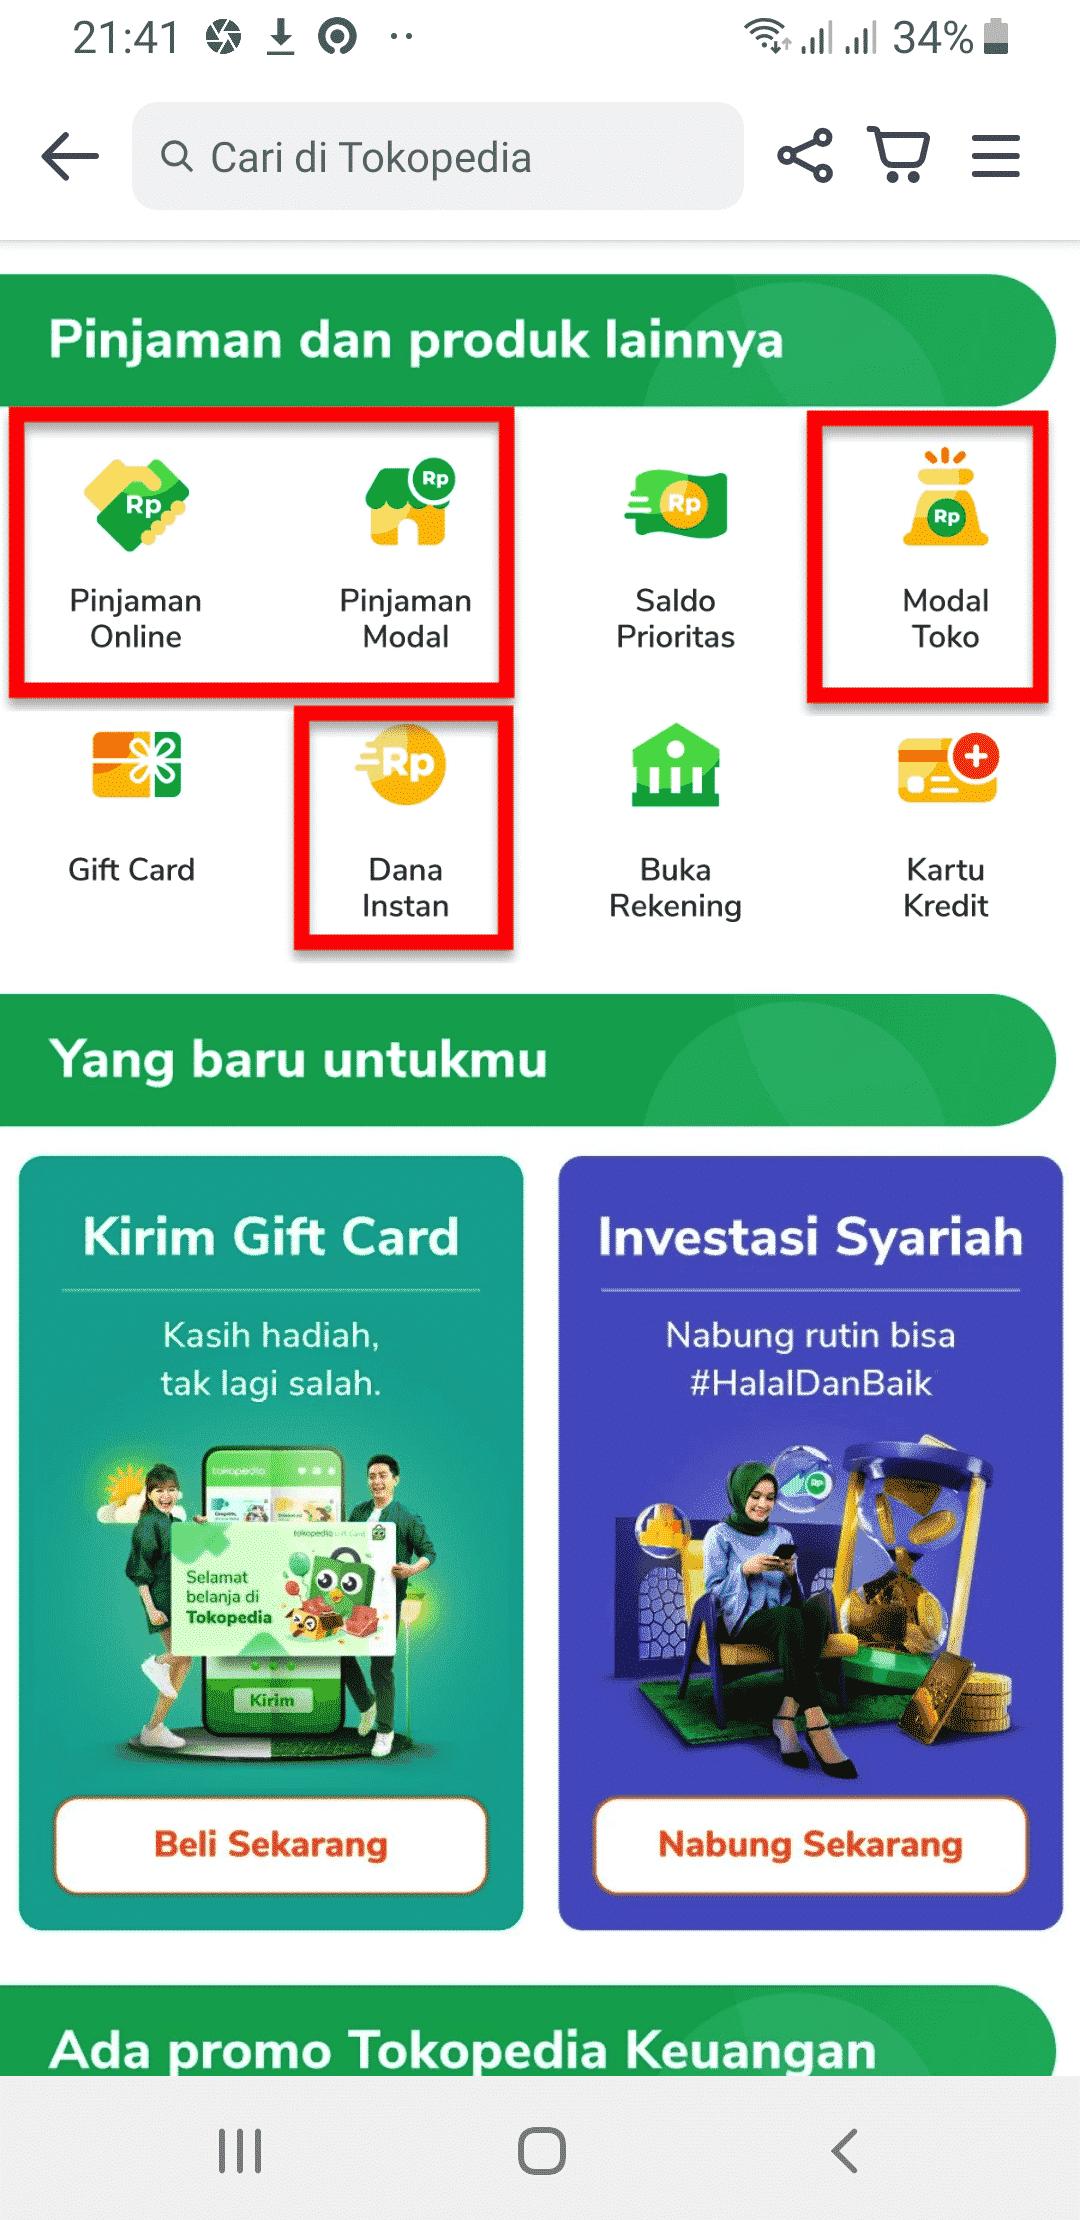 Pinjaman Online Cara Kredit di Tokopedia